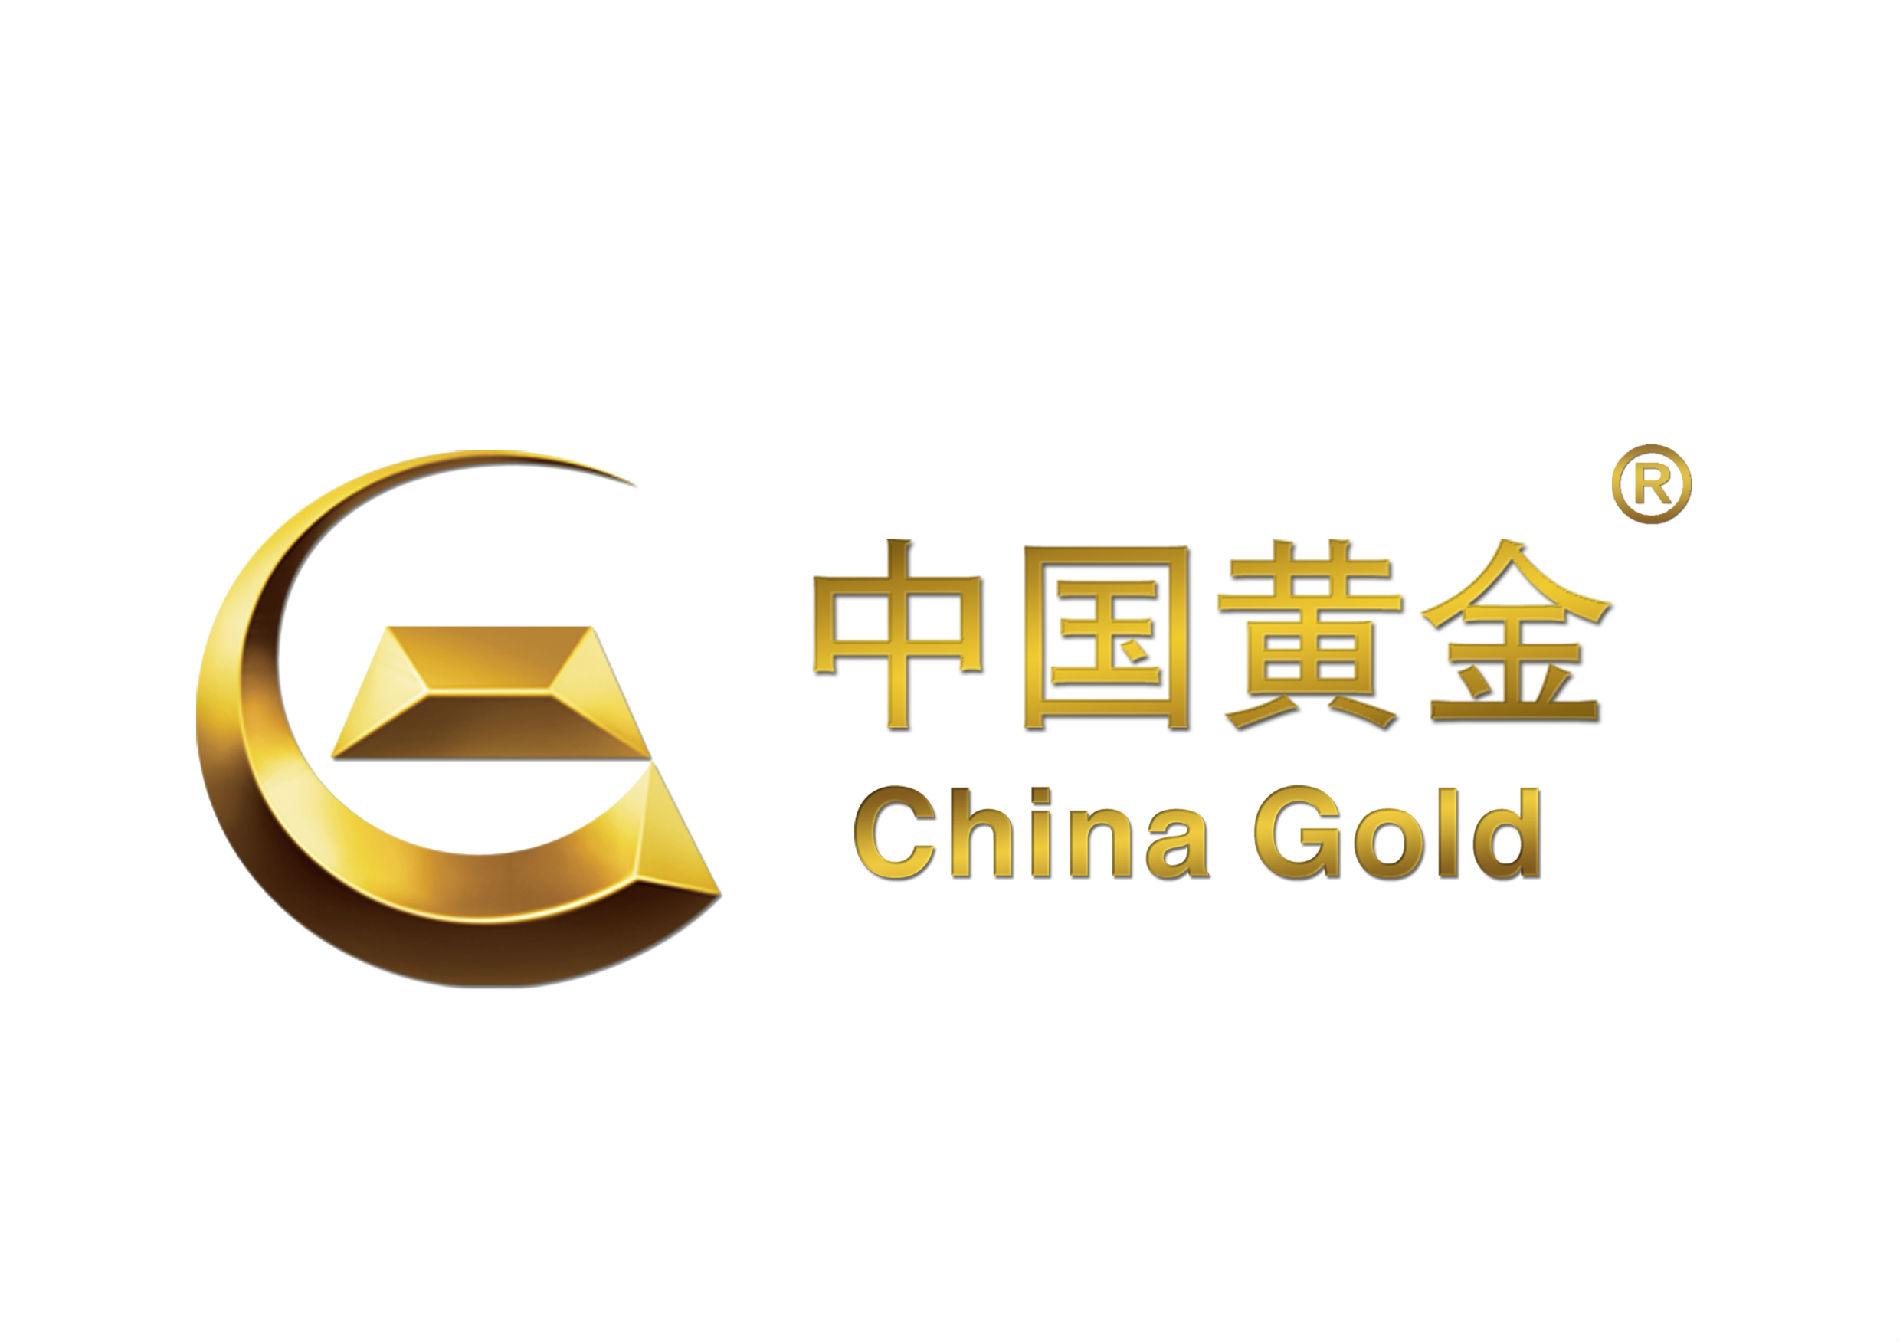 中国黄金标志图片_中国黄金是个品牌吗-